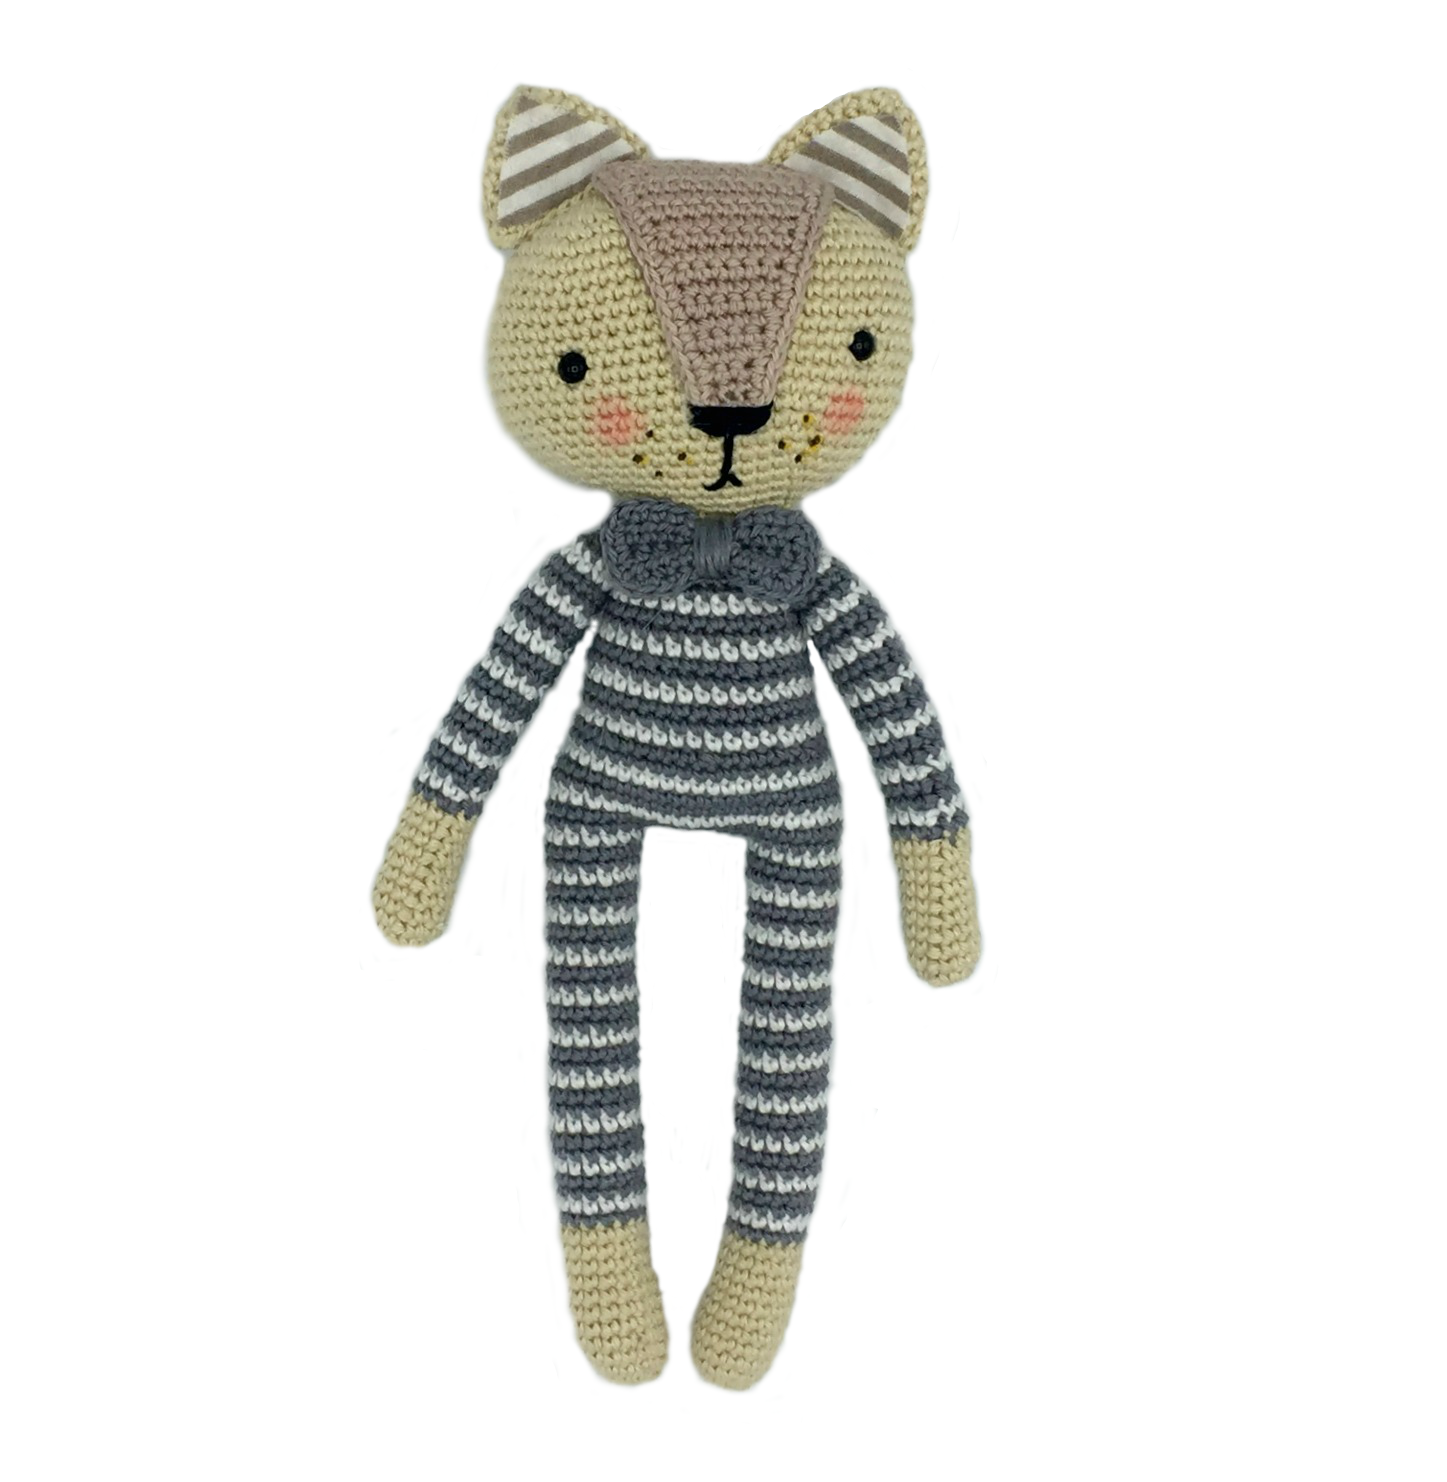 Patrón gratis de este elegante gatito a crochet | Amigurumi n more ...